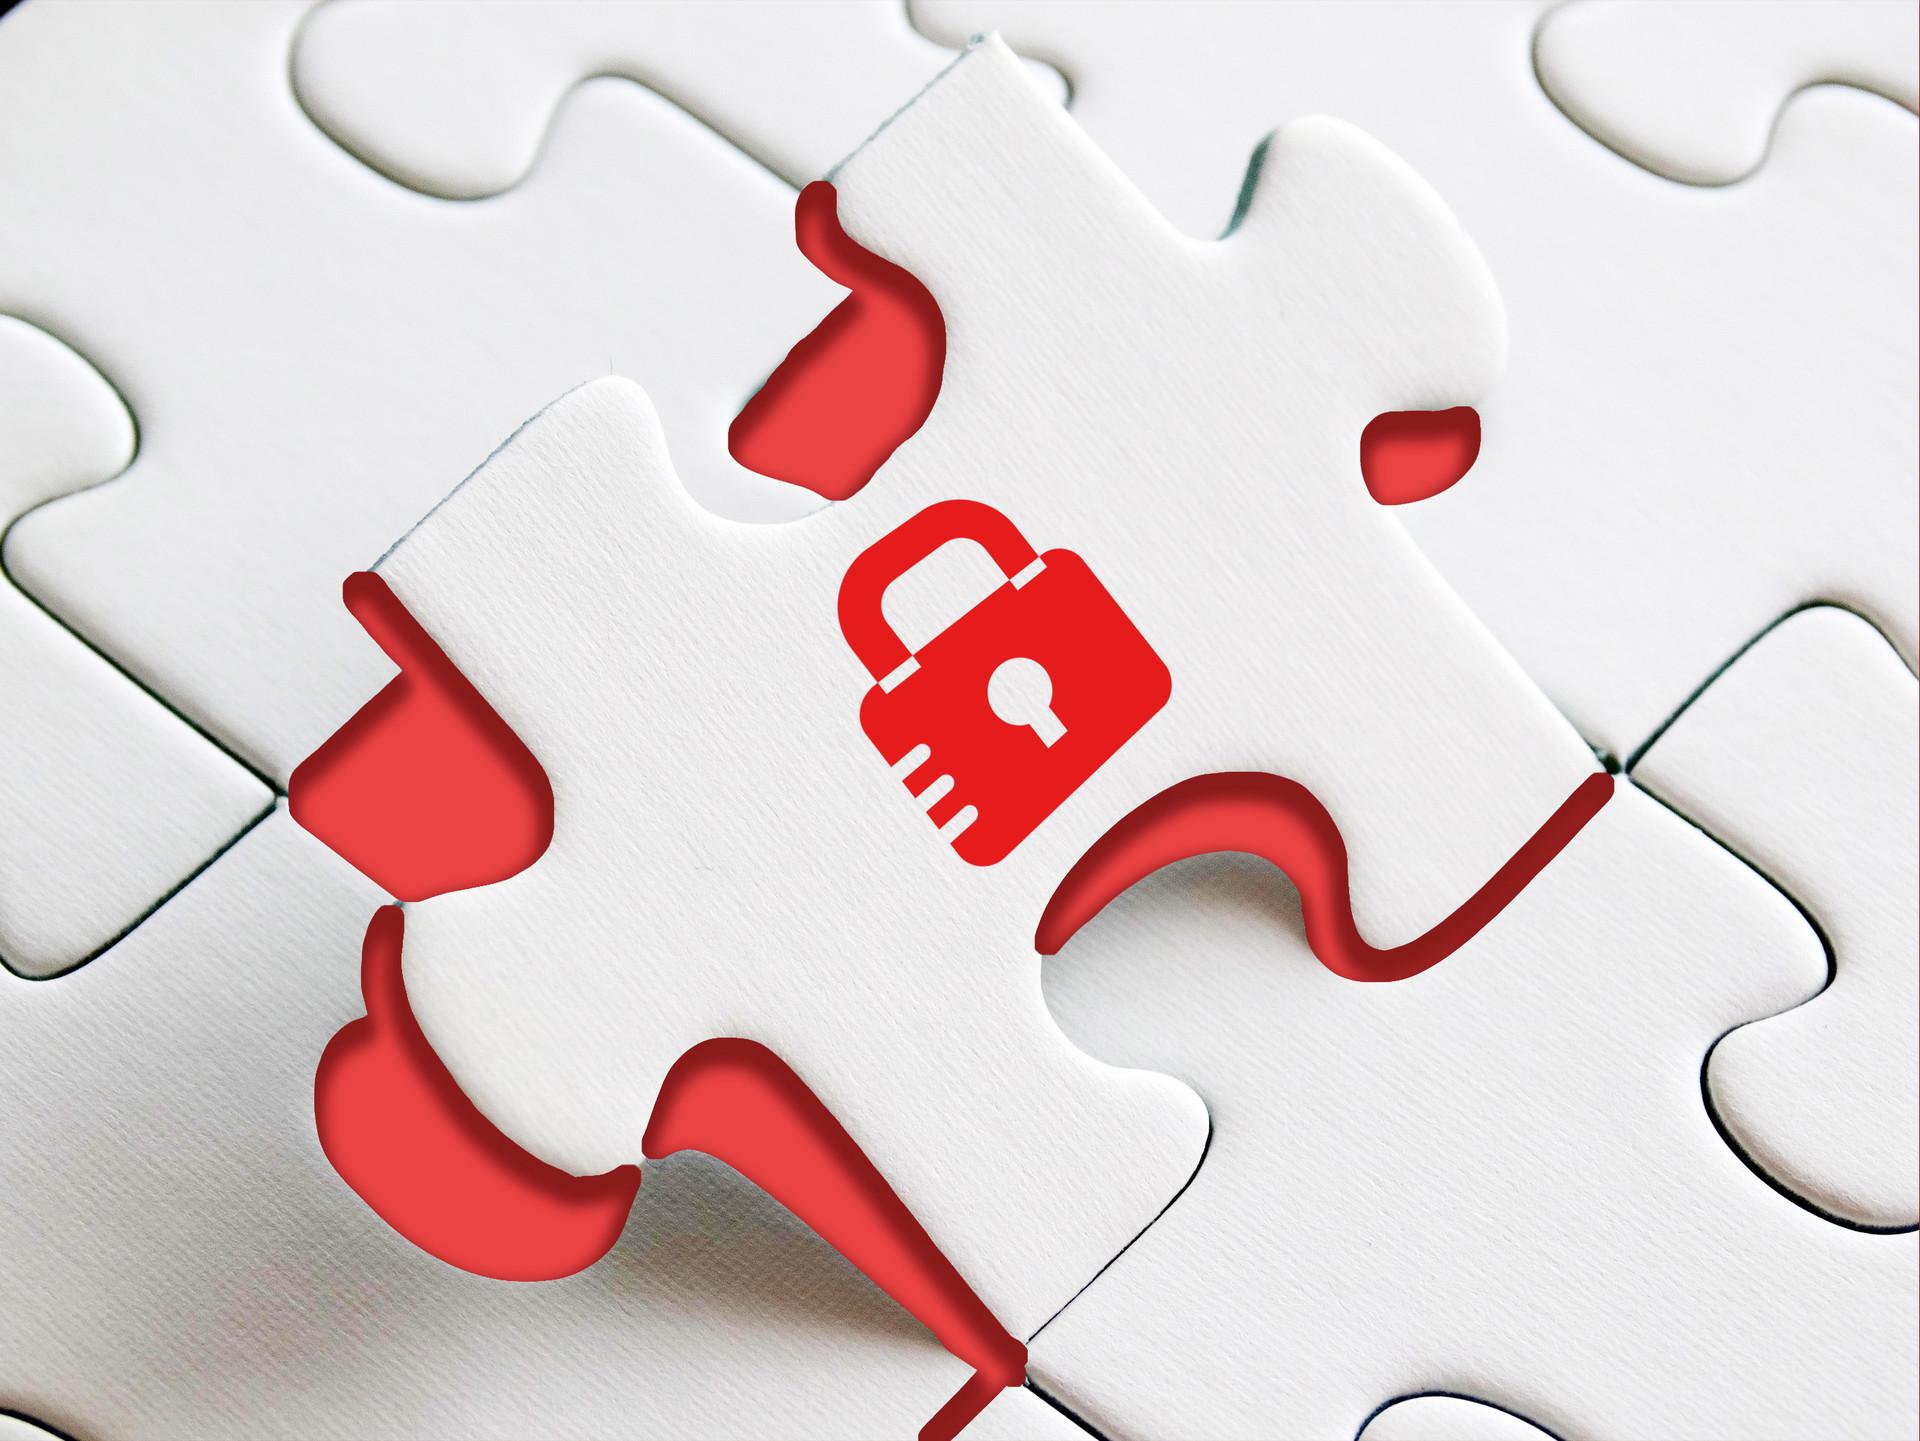 公司注冊、使館認證、海牙認證等客戶信息一級保密